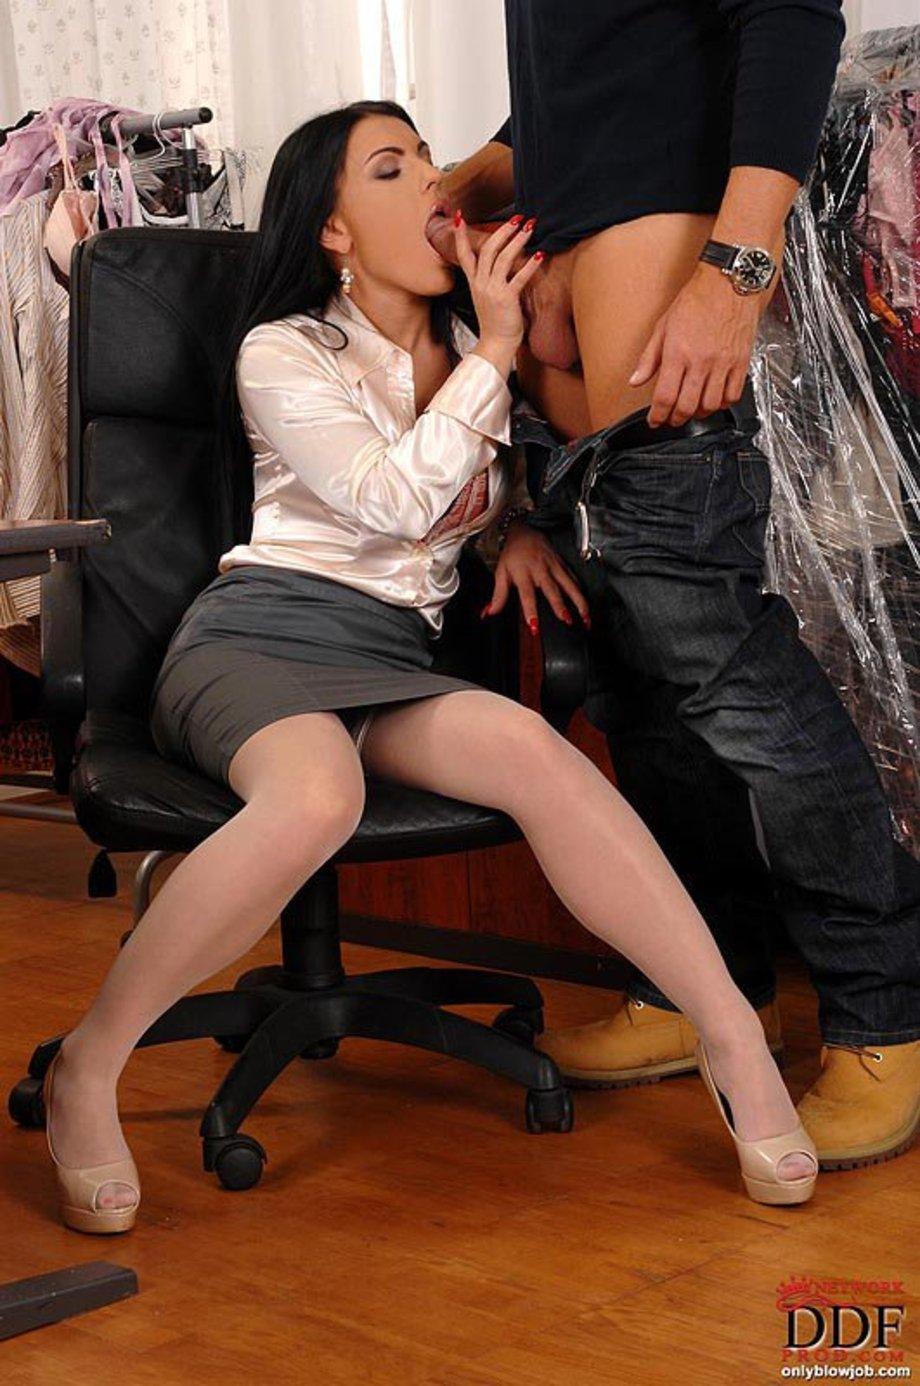 Жесткий порно девушка на высоких каблуках порно фото